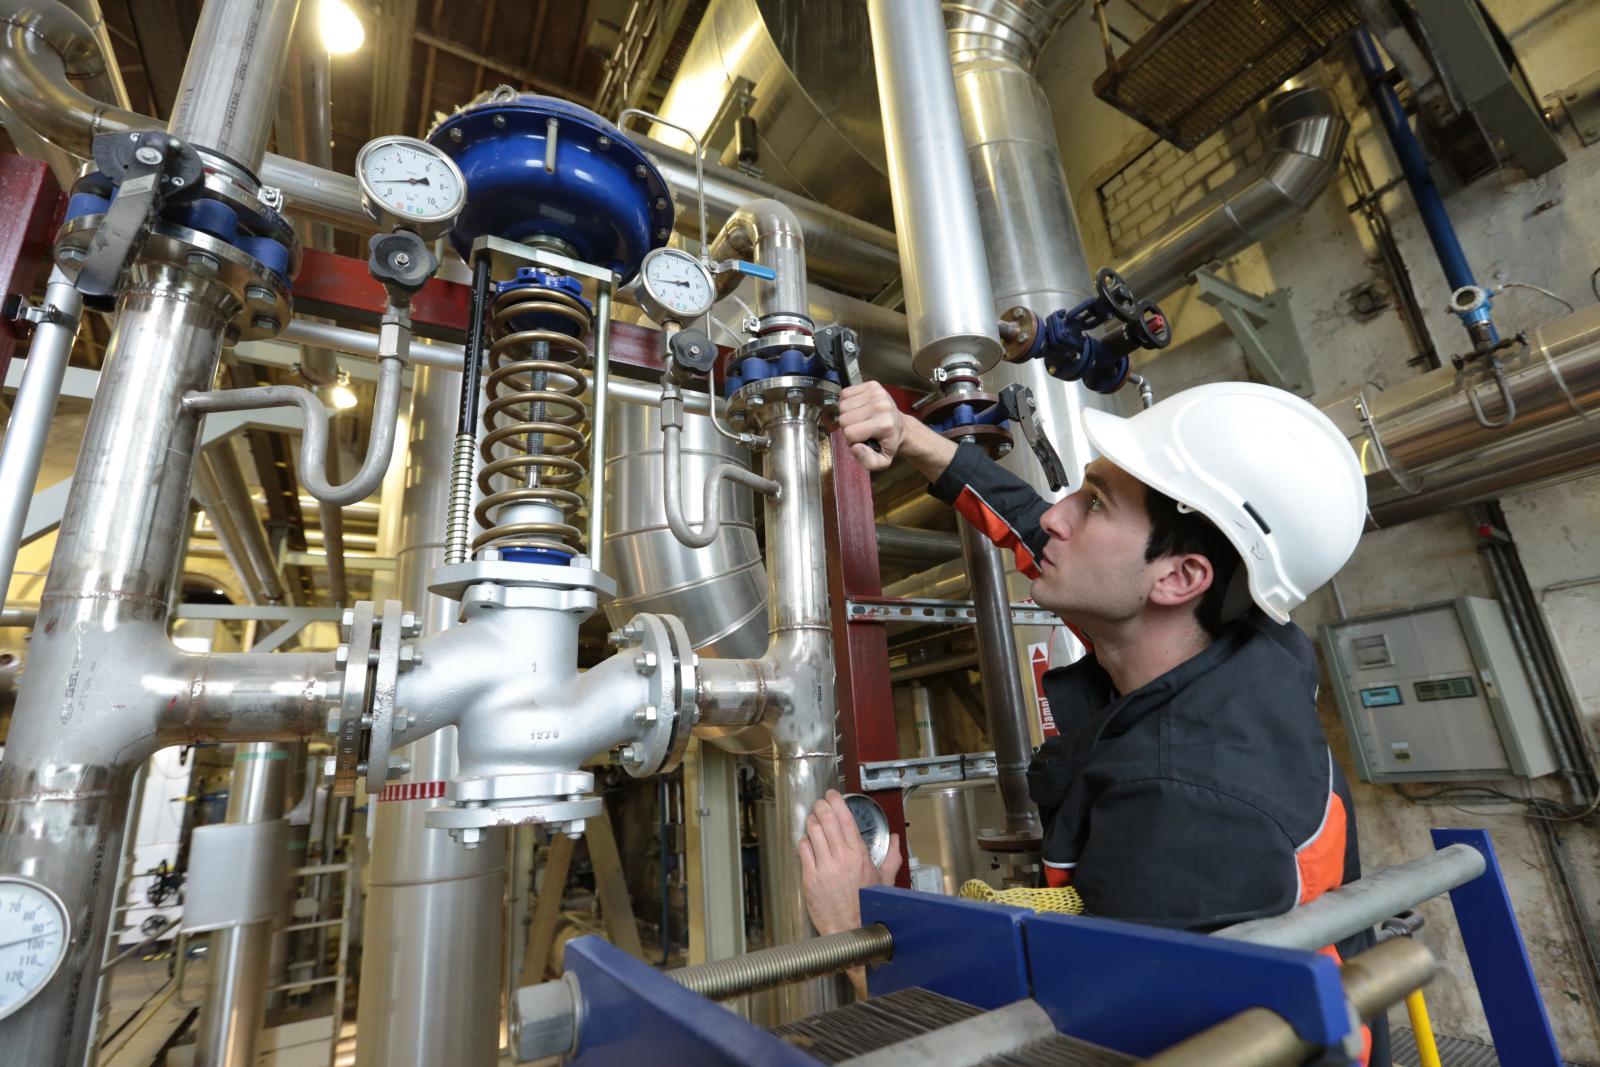 Mann mit Schutzhelm beim überprüfen von Rohrleitungen